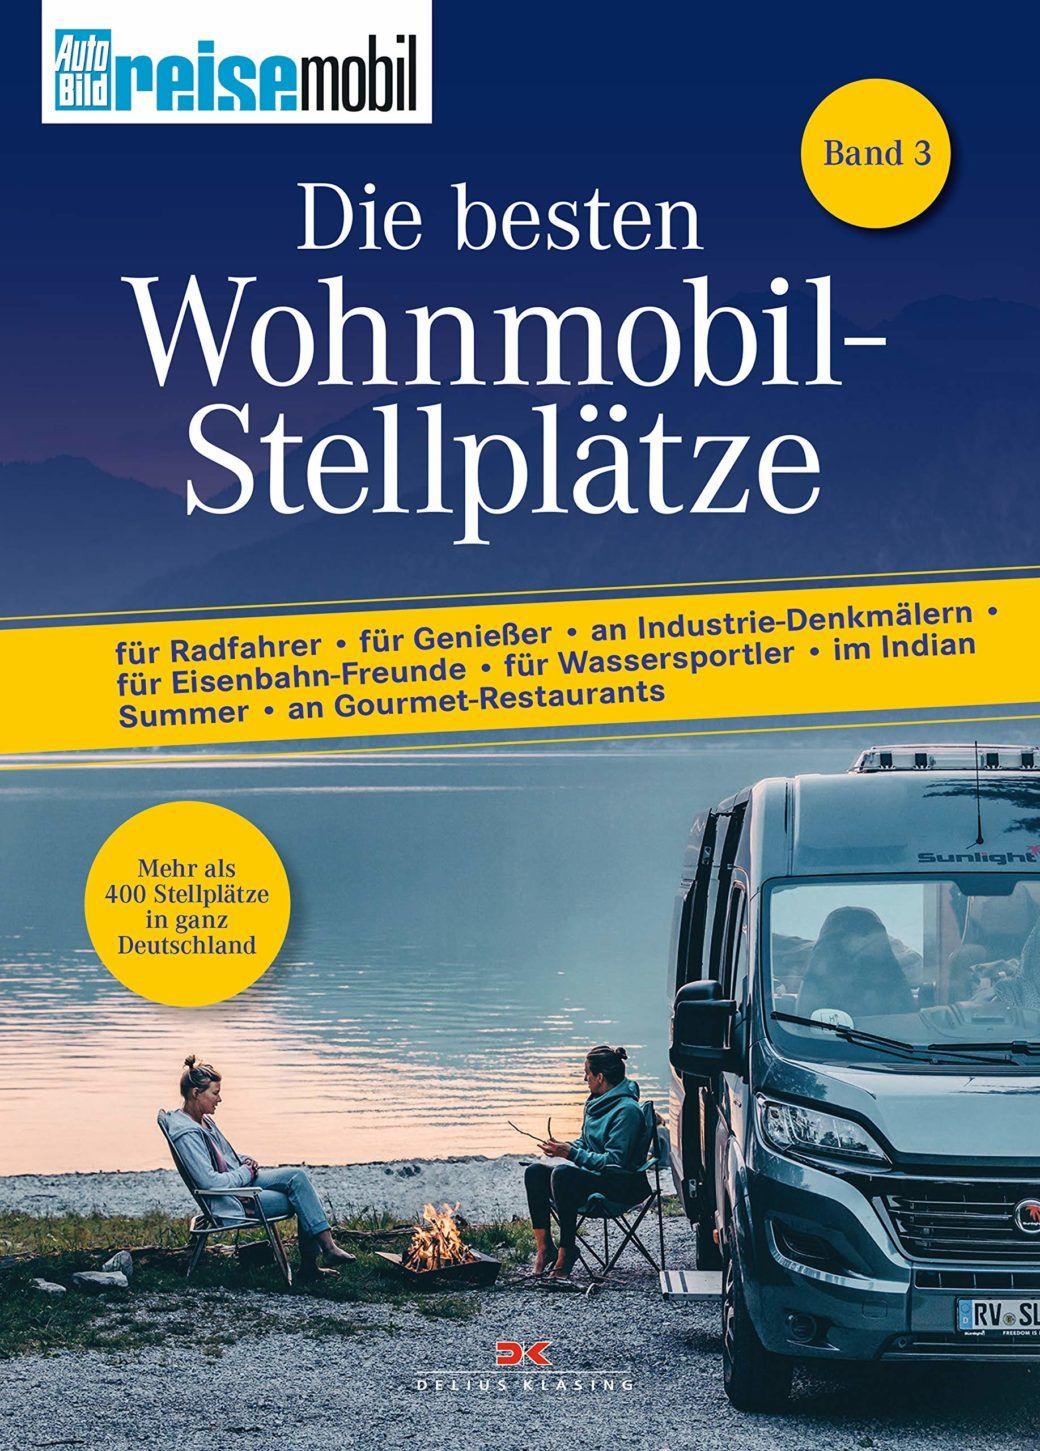 Die besten Wohnmobil-Stellplätze 10 von Jens Lehmann. Schöner